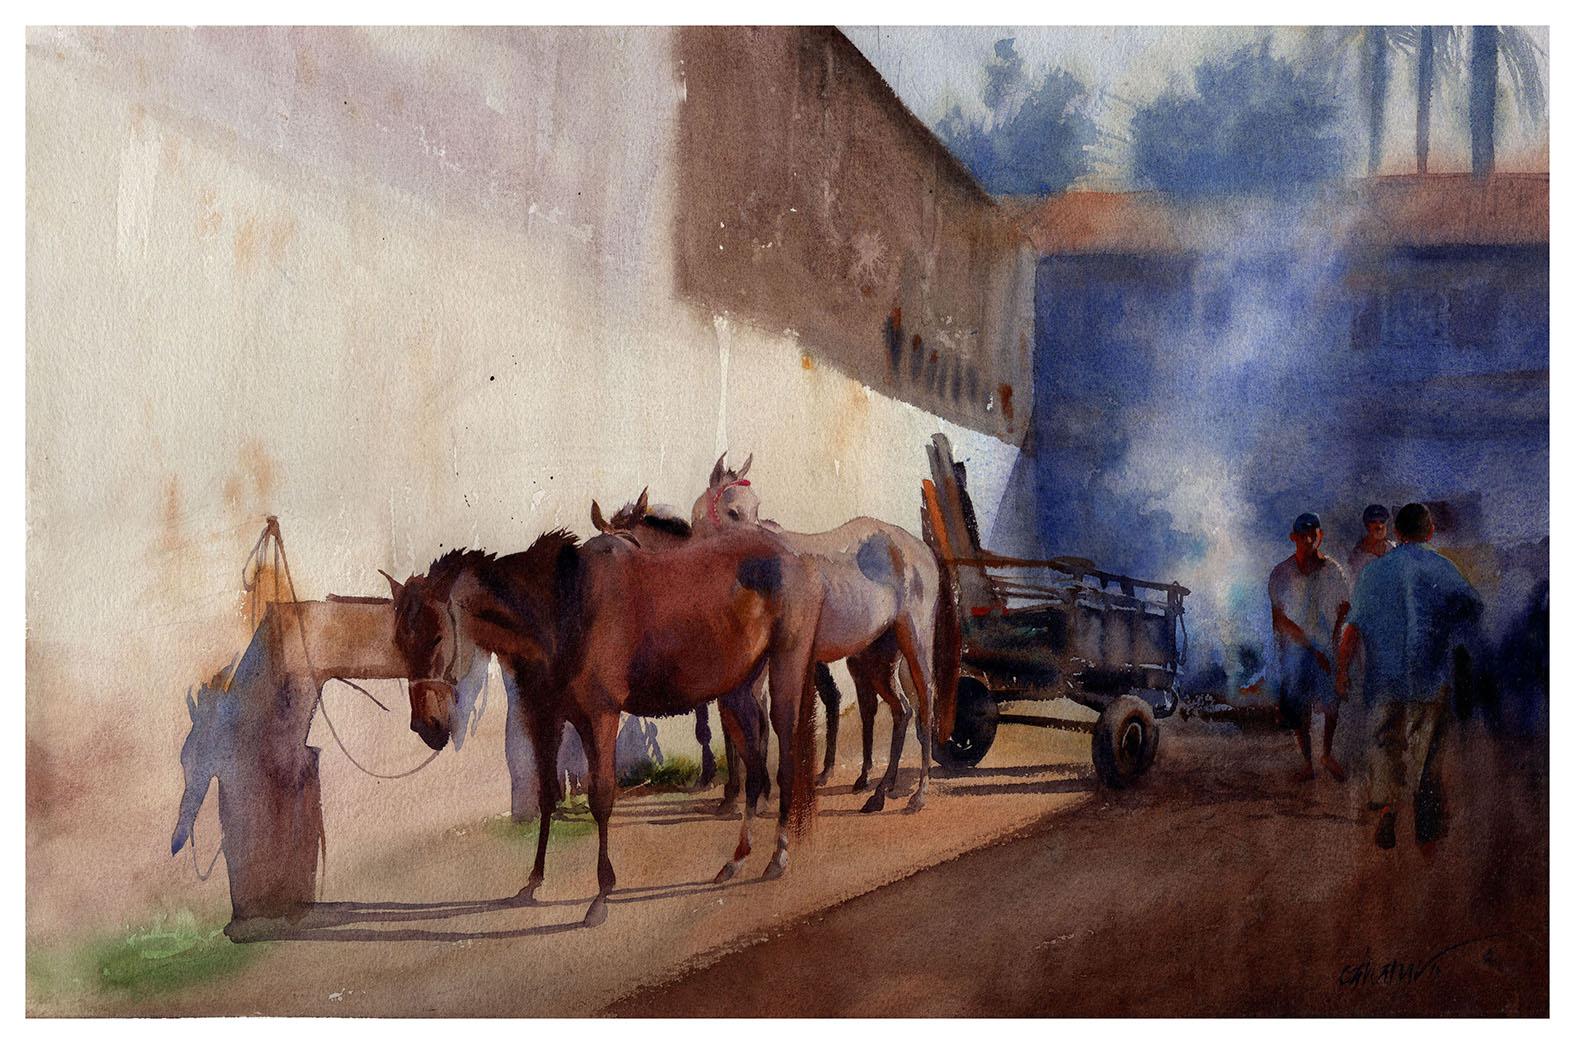 Cavalos e fogueira / Paraty